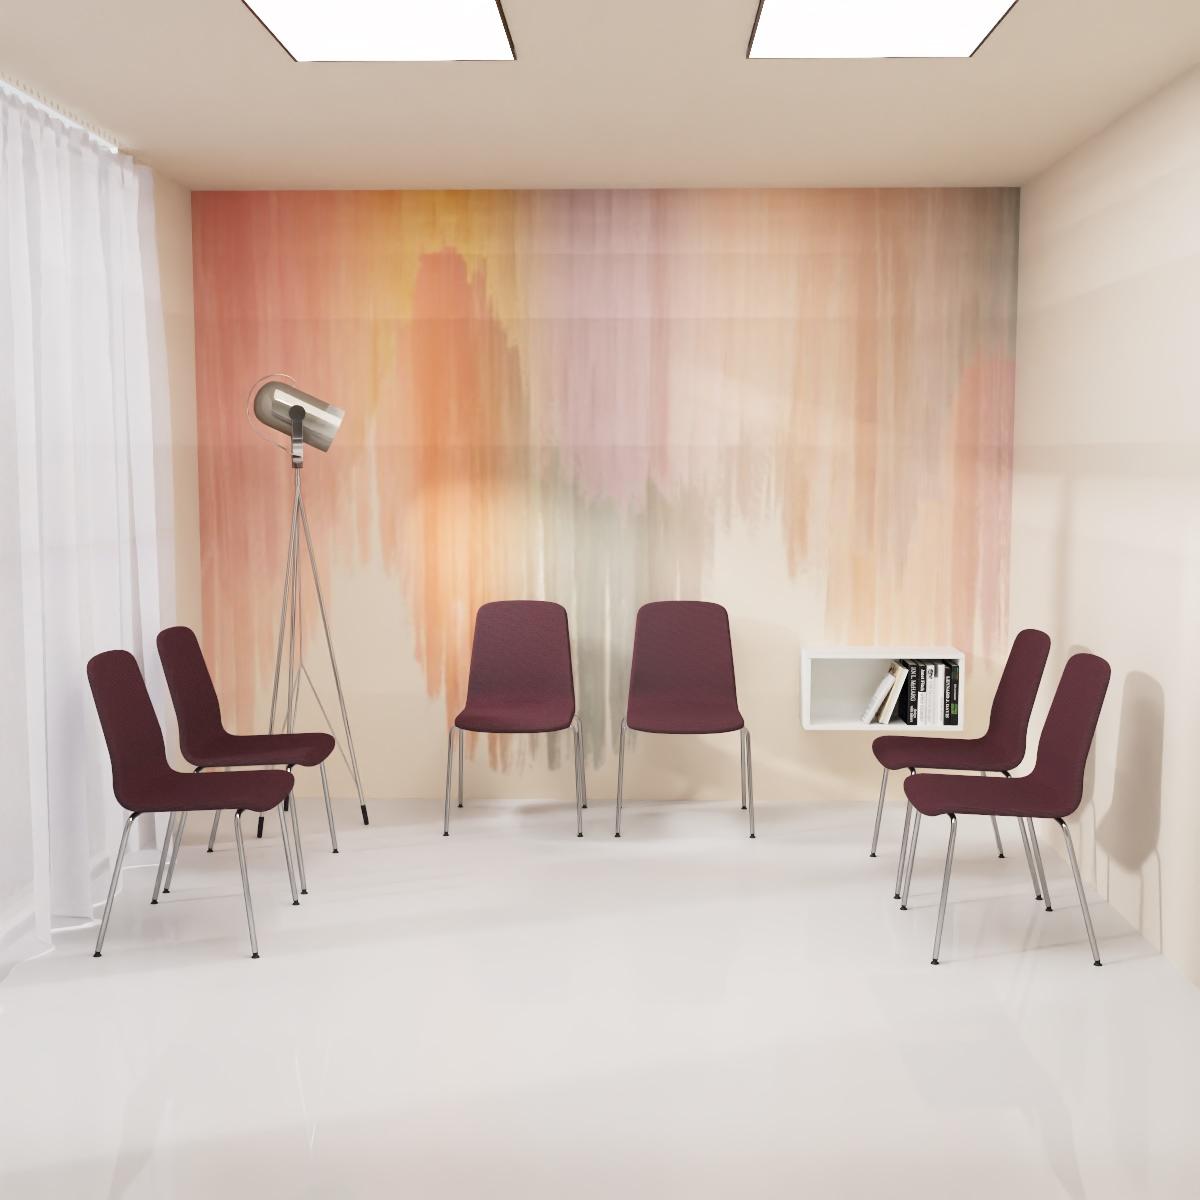 Shop the Look | Sun 6er Set - Zartes Design. Im Set zum Bestpreis.